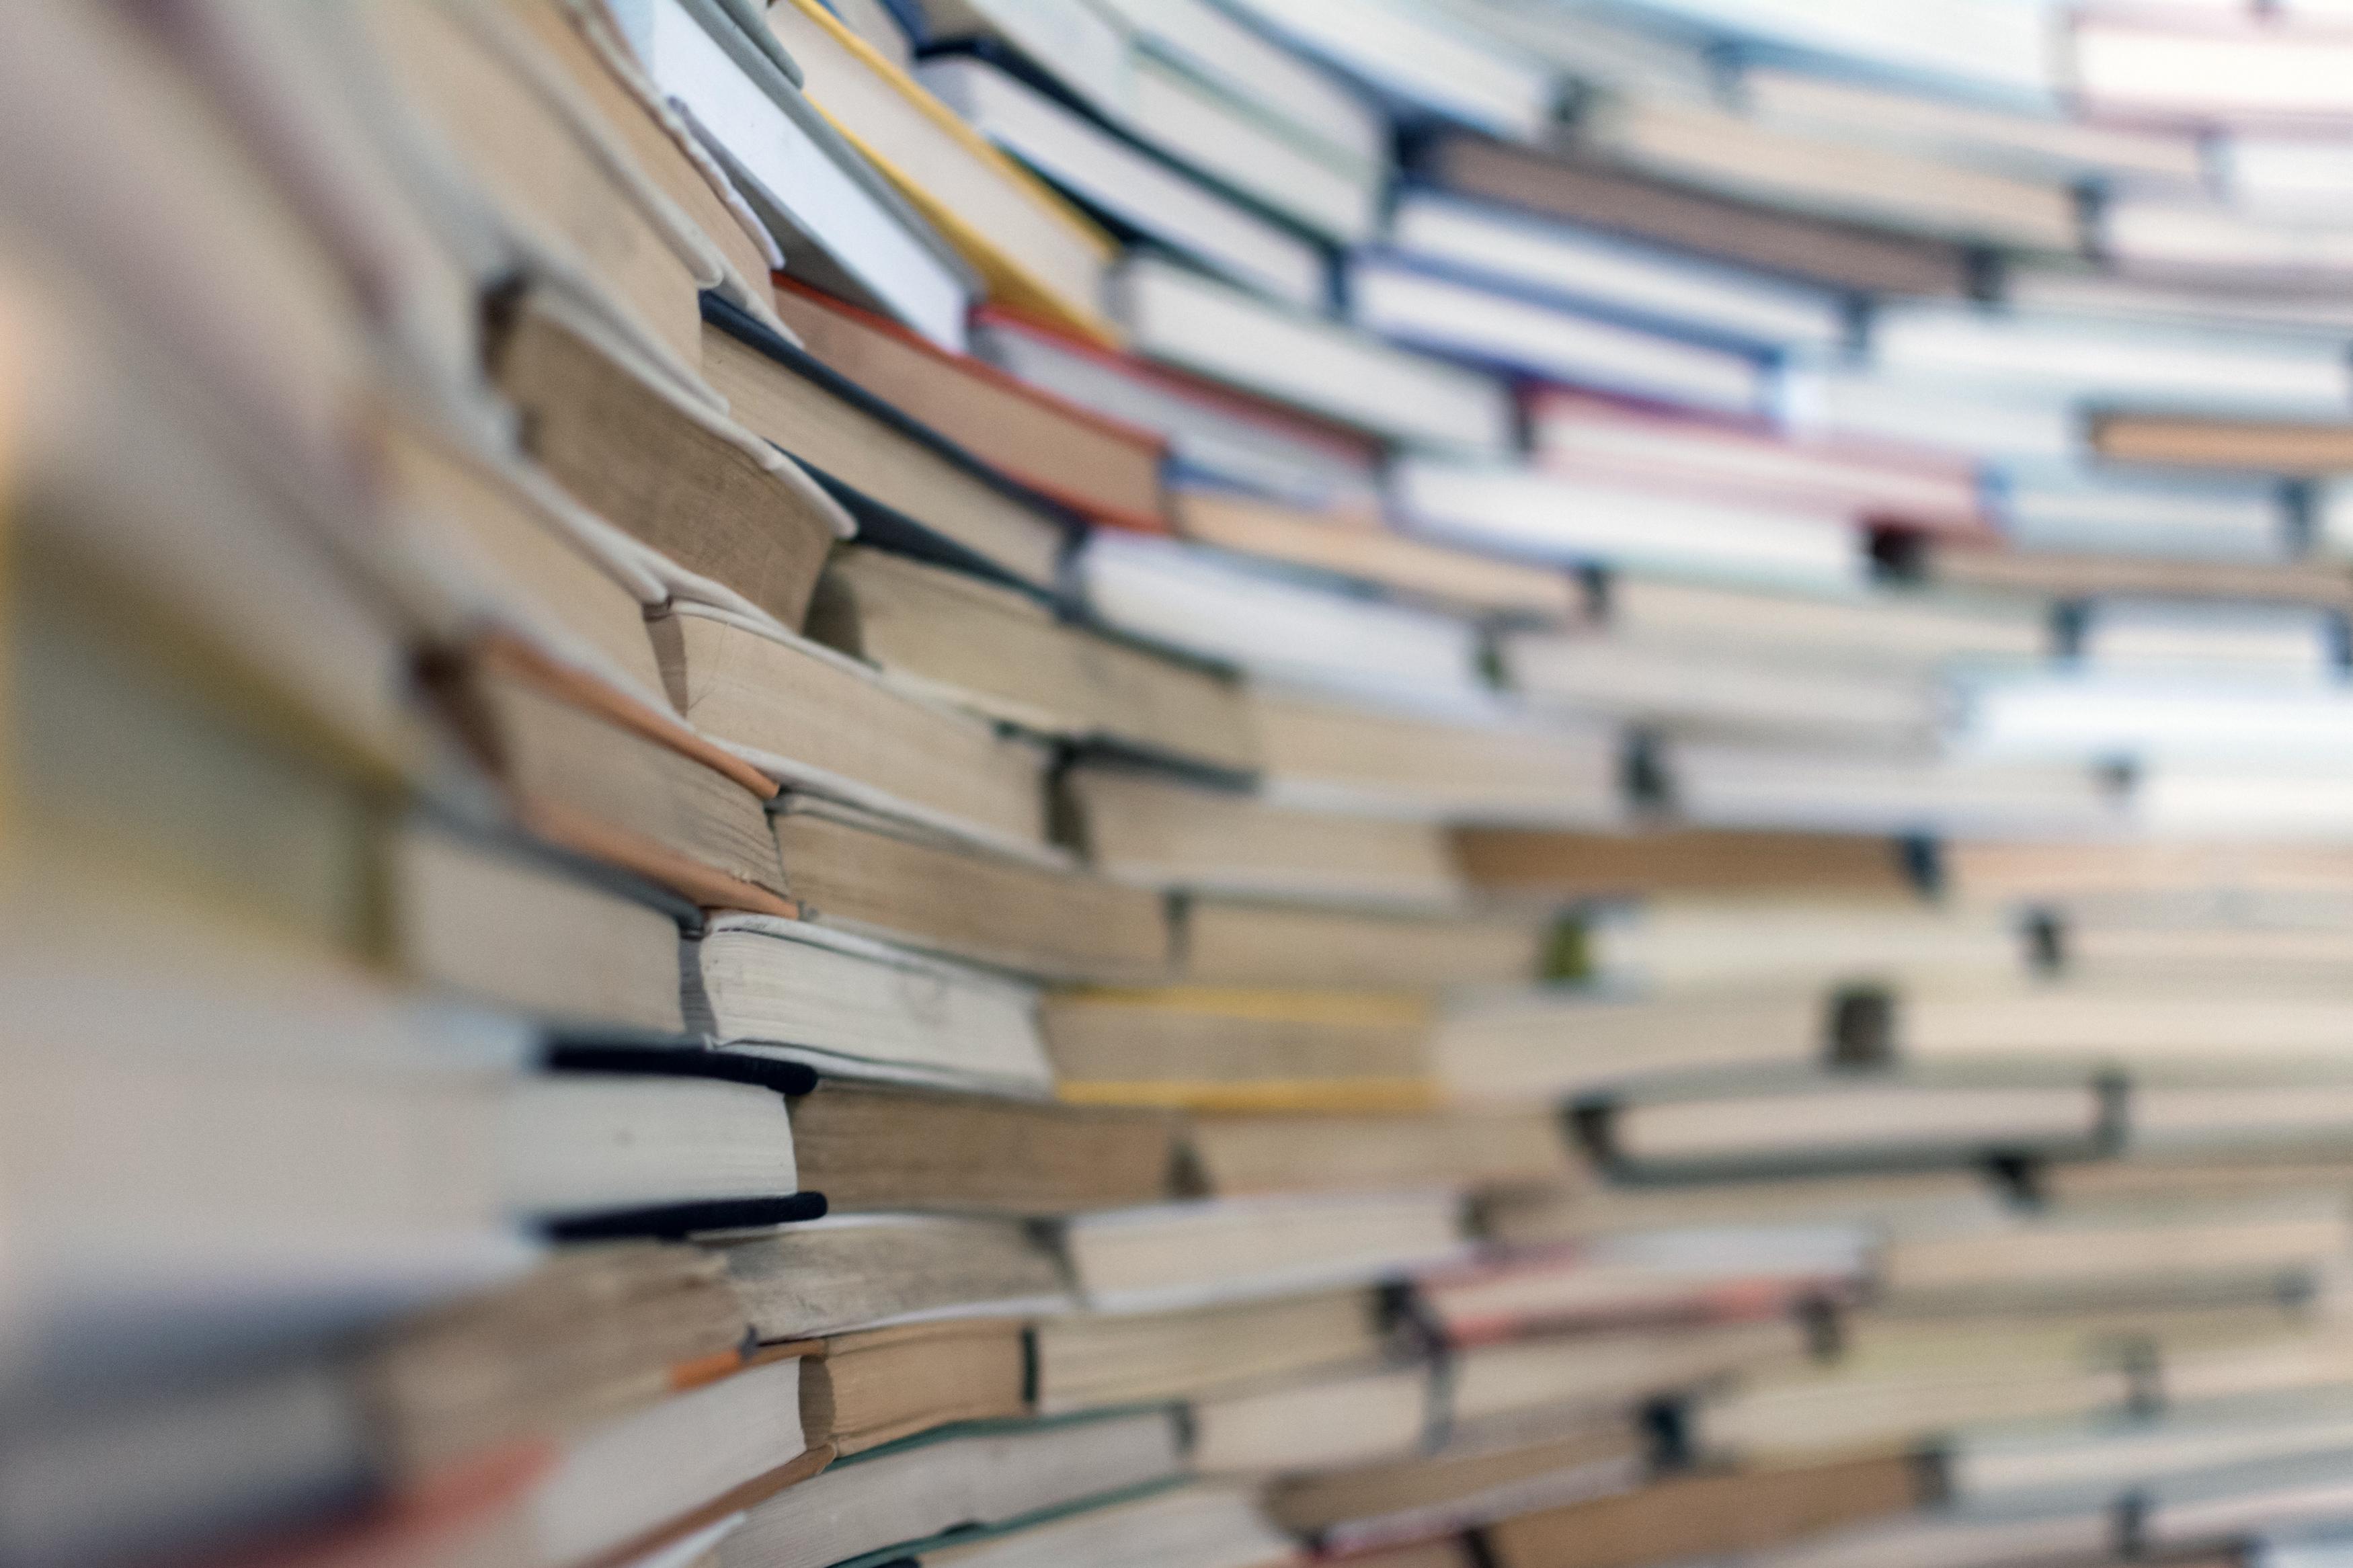 Many Old Books Free Image On Libreshot